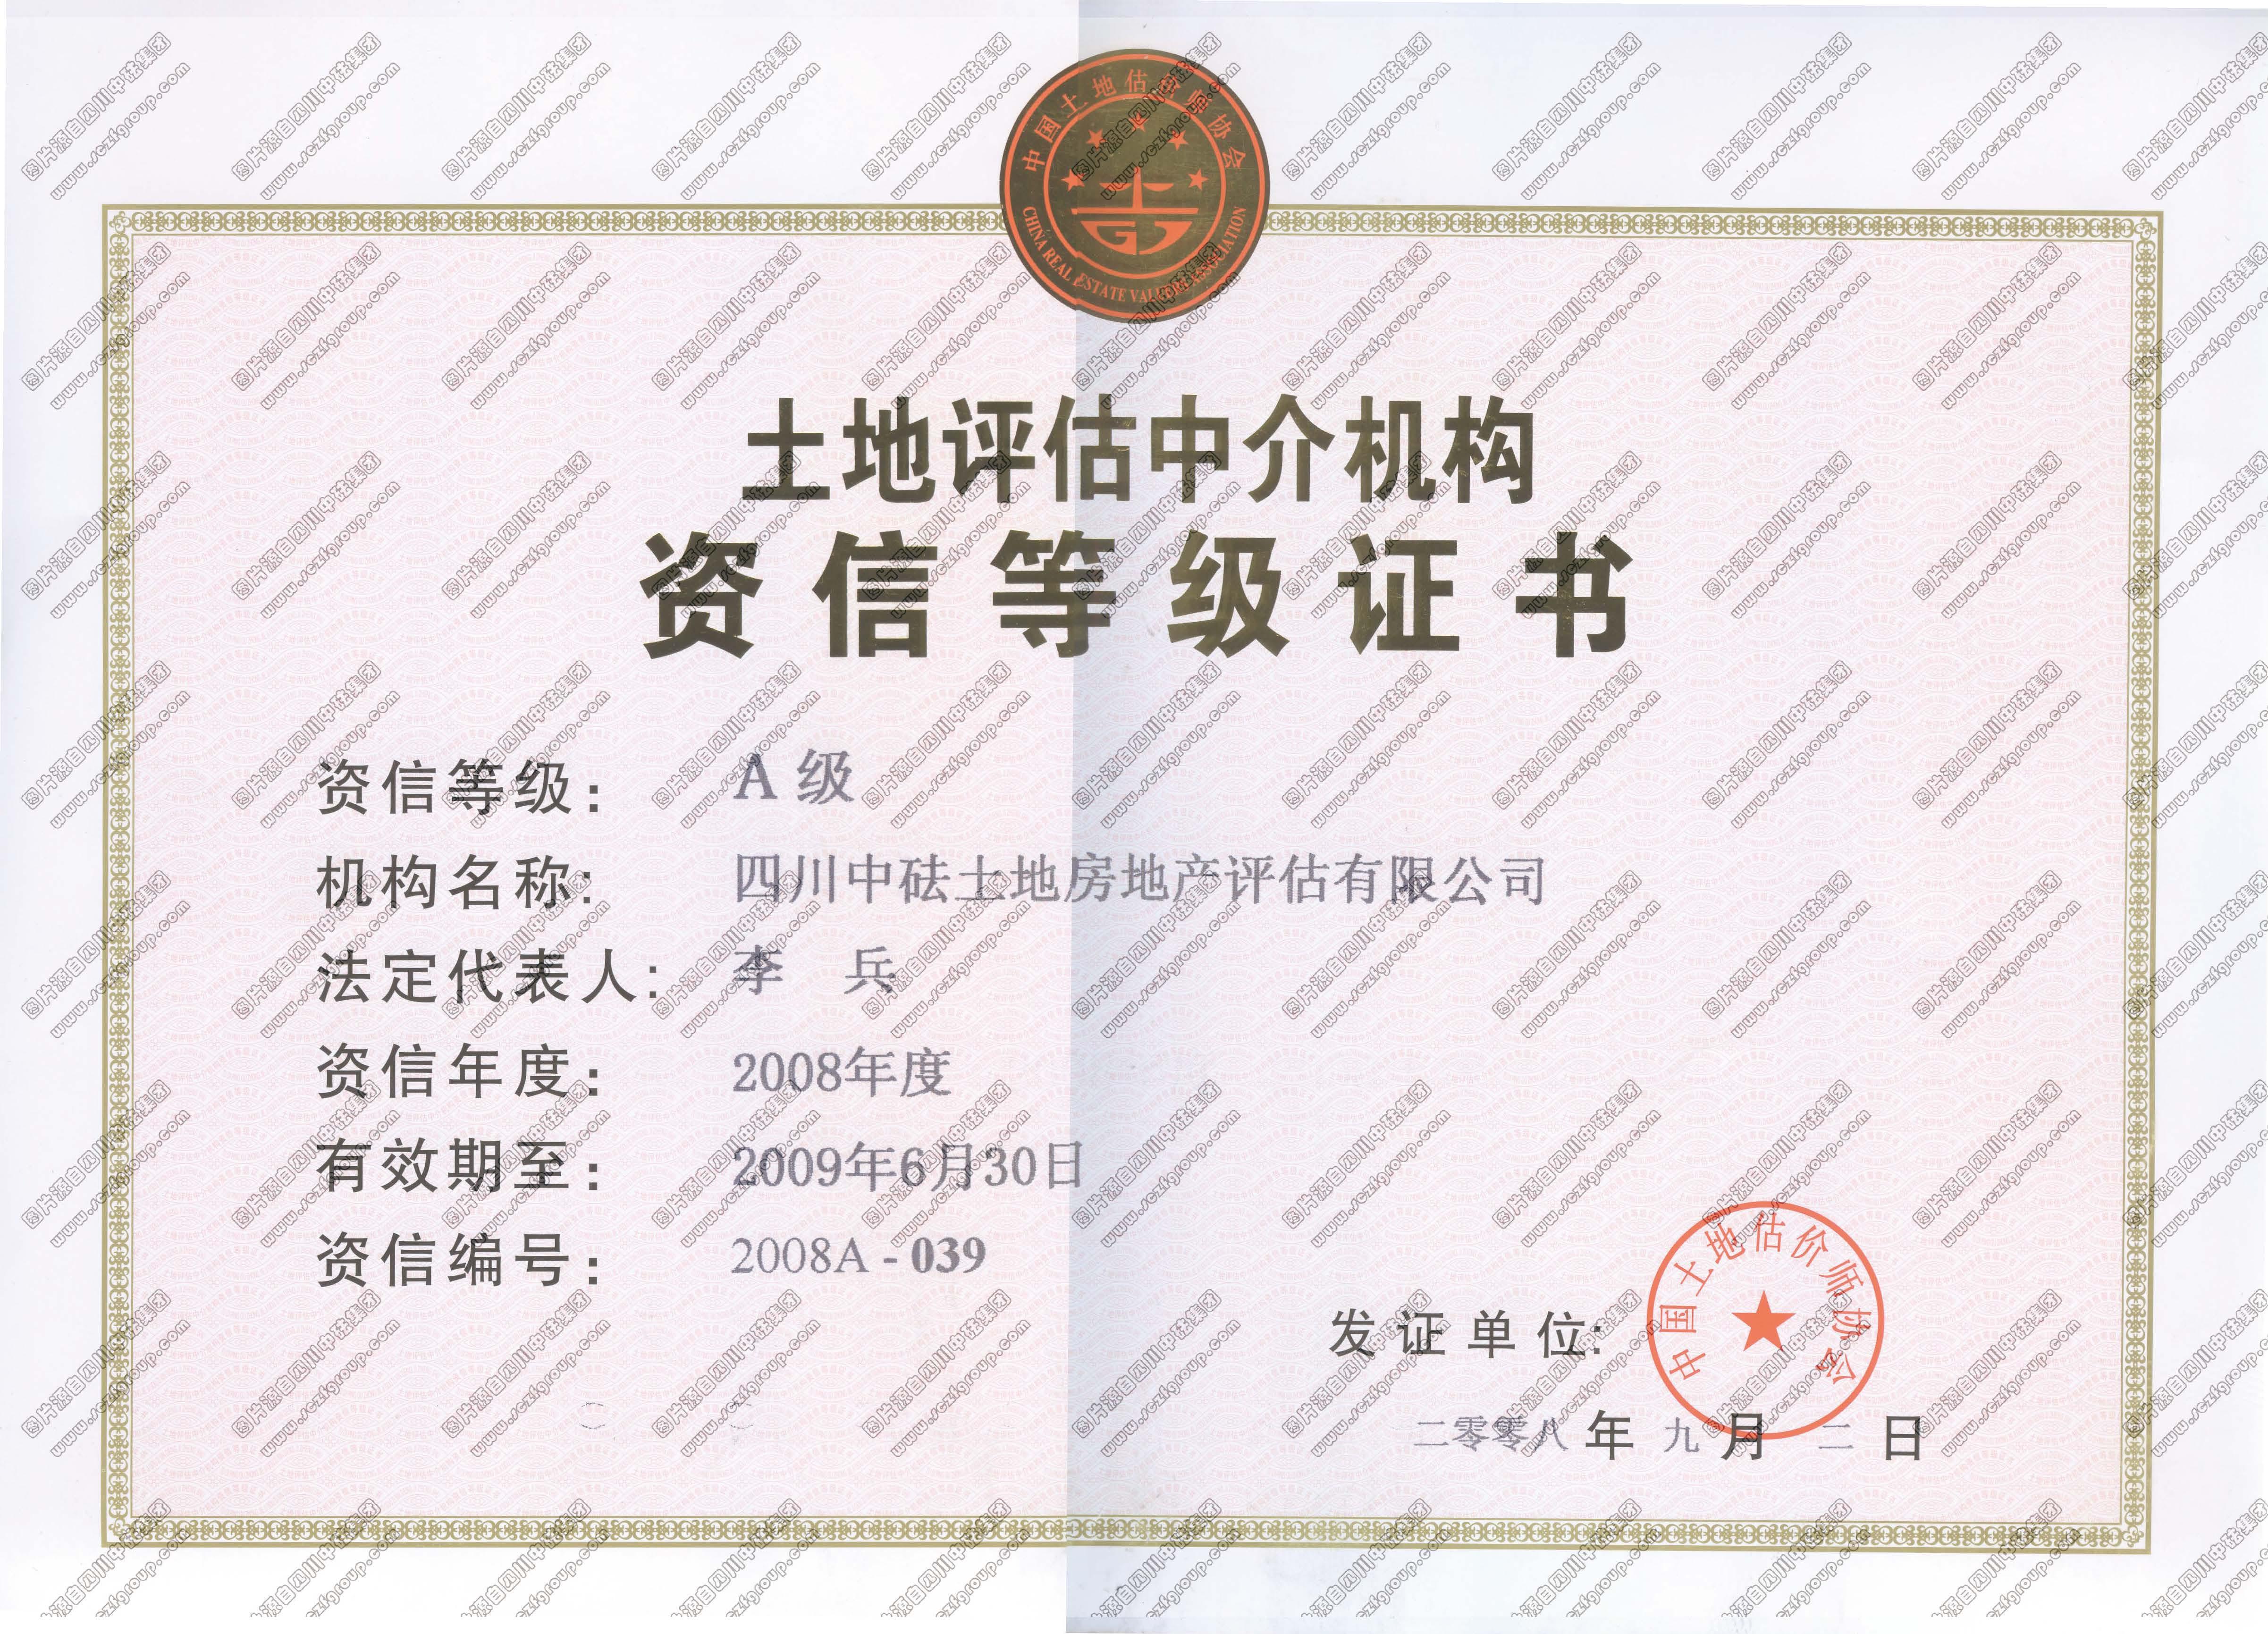 2008年度资信等级证书(A级)